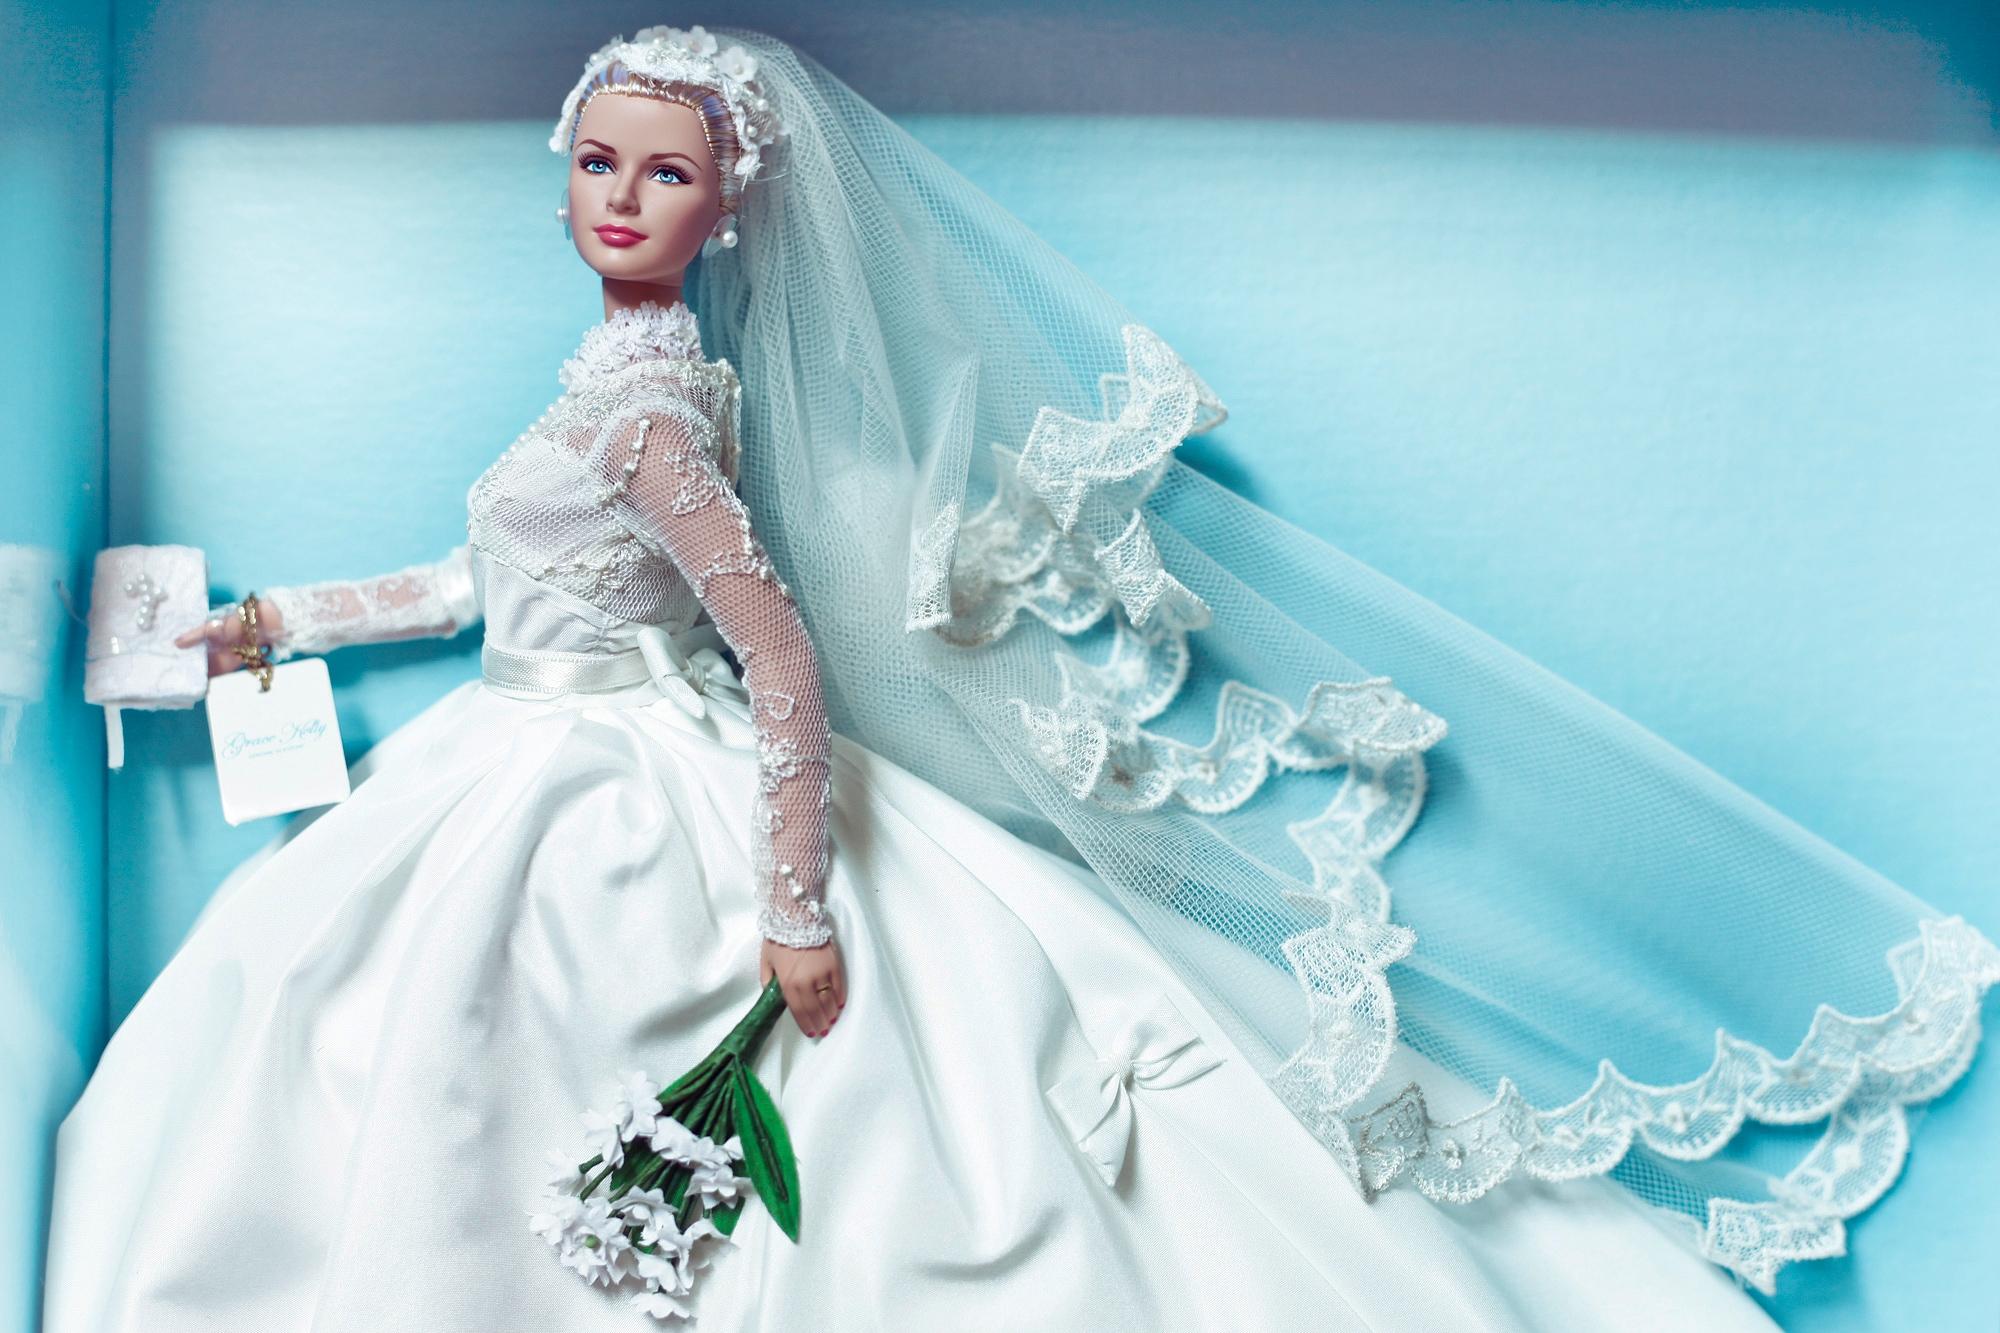 Barbie Grace Kelly sposa